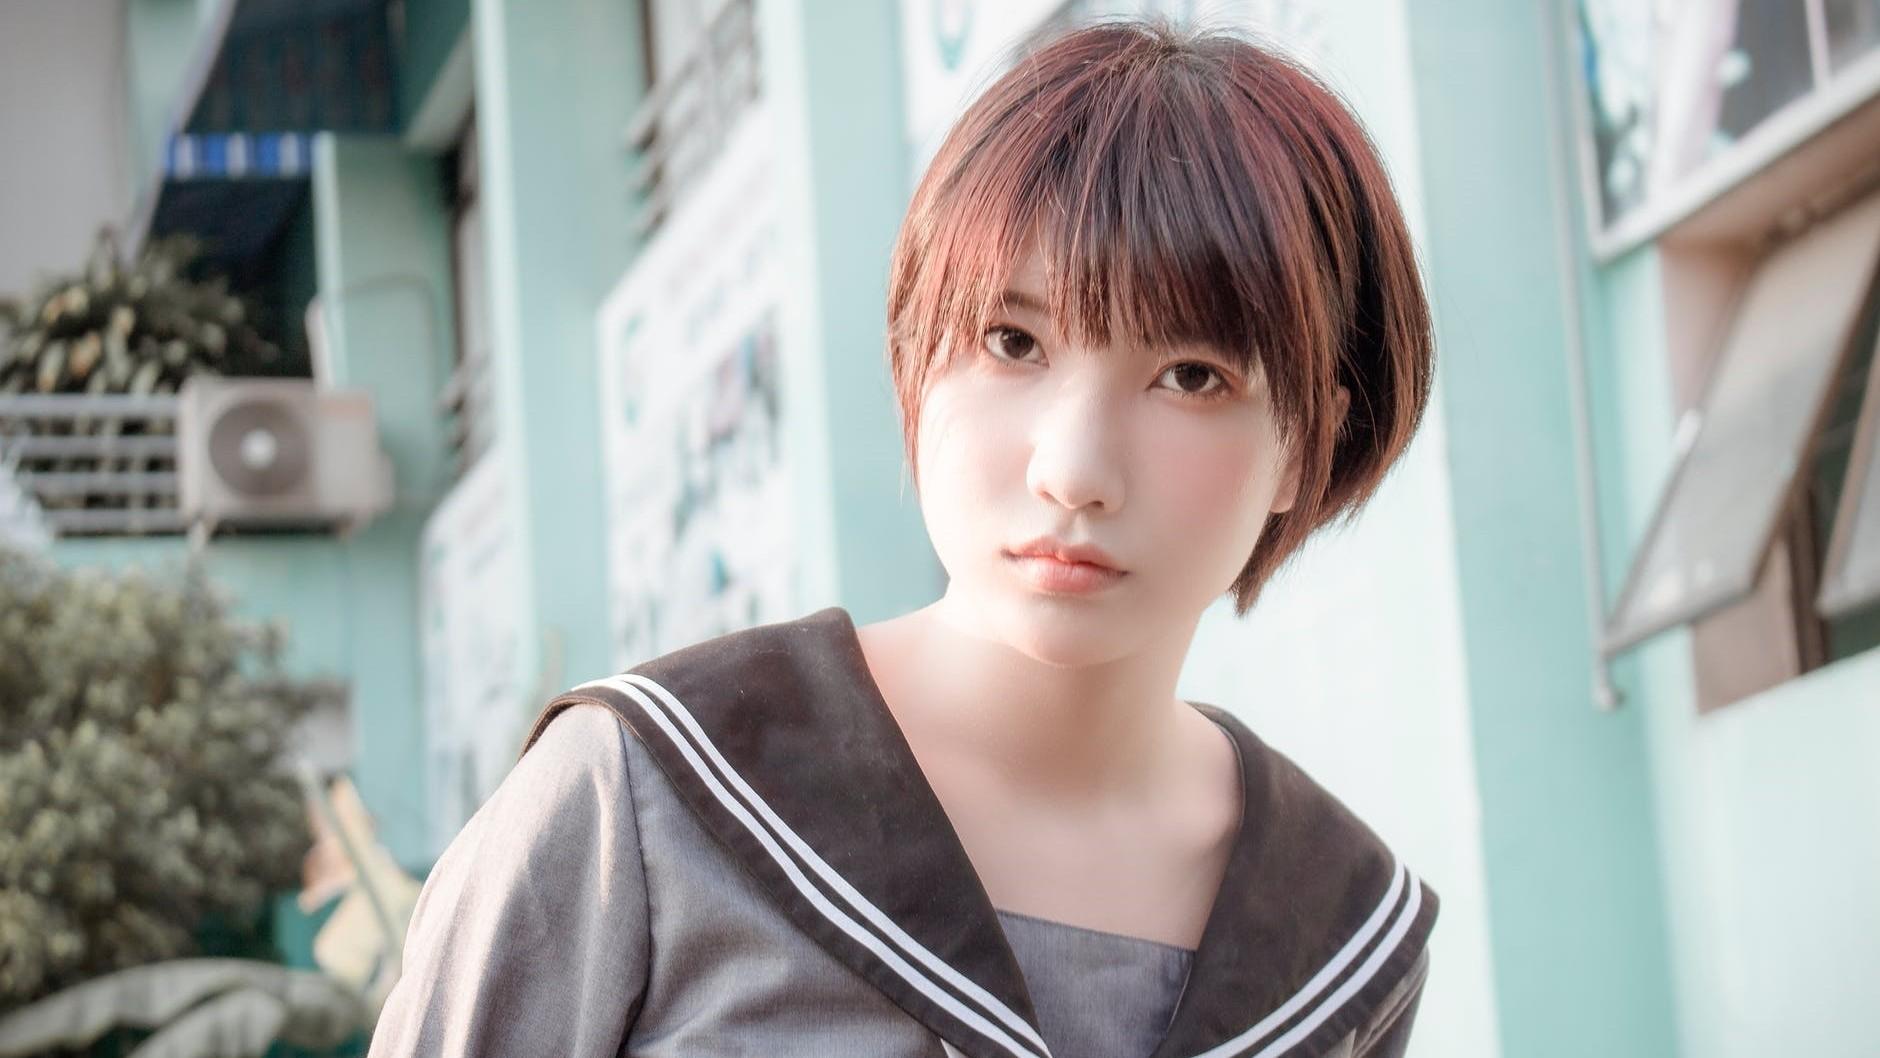 【生肖週運勢】8/26-9/1 兔兔桃花朵朵開、狗兒職場能力大提升